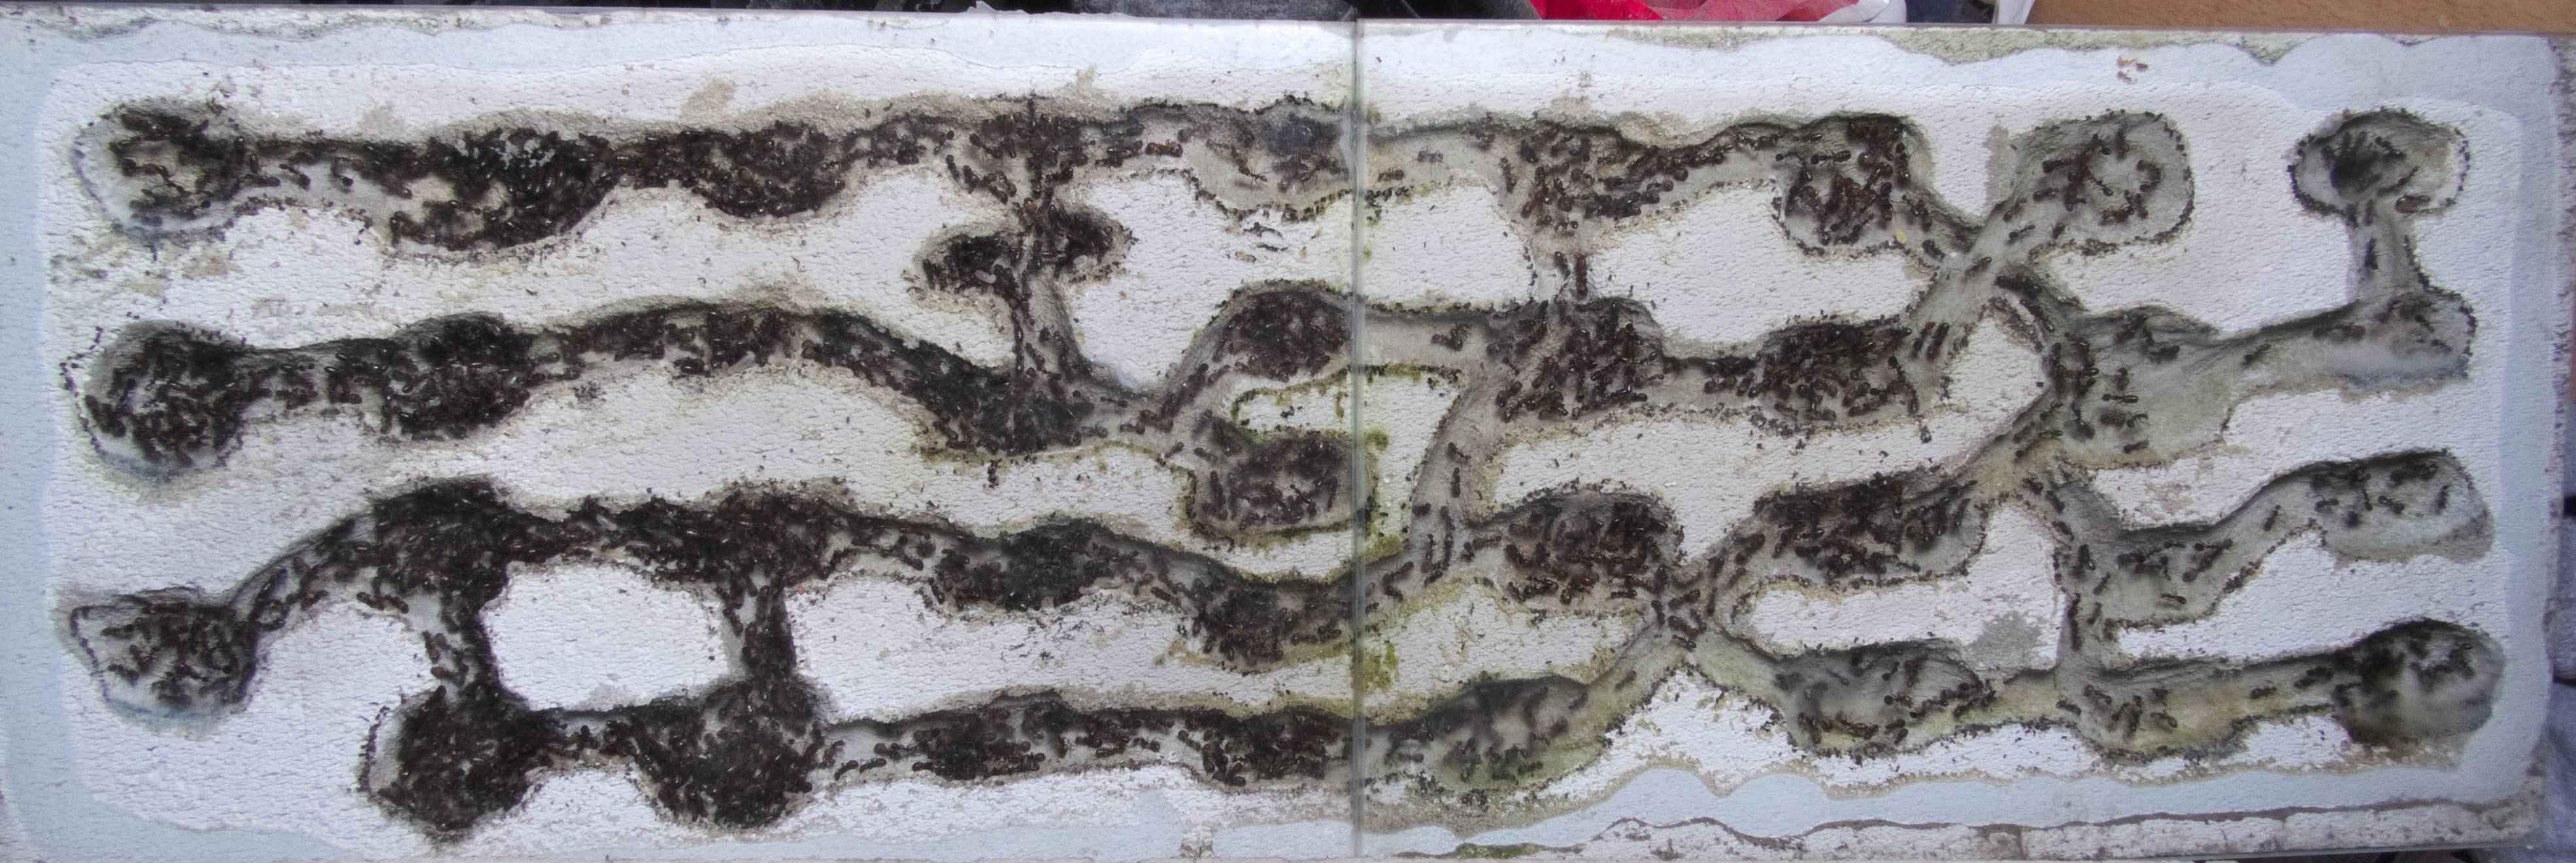 Camponotus nicobarensis: Neues/Altes Nest